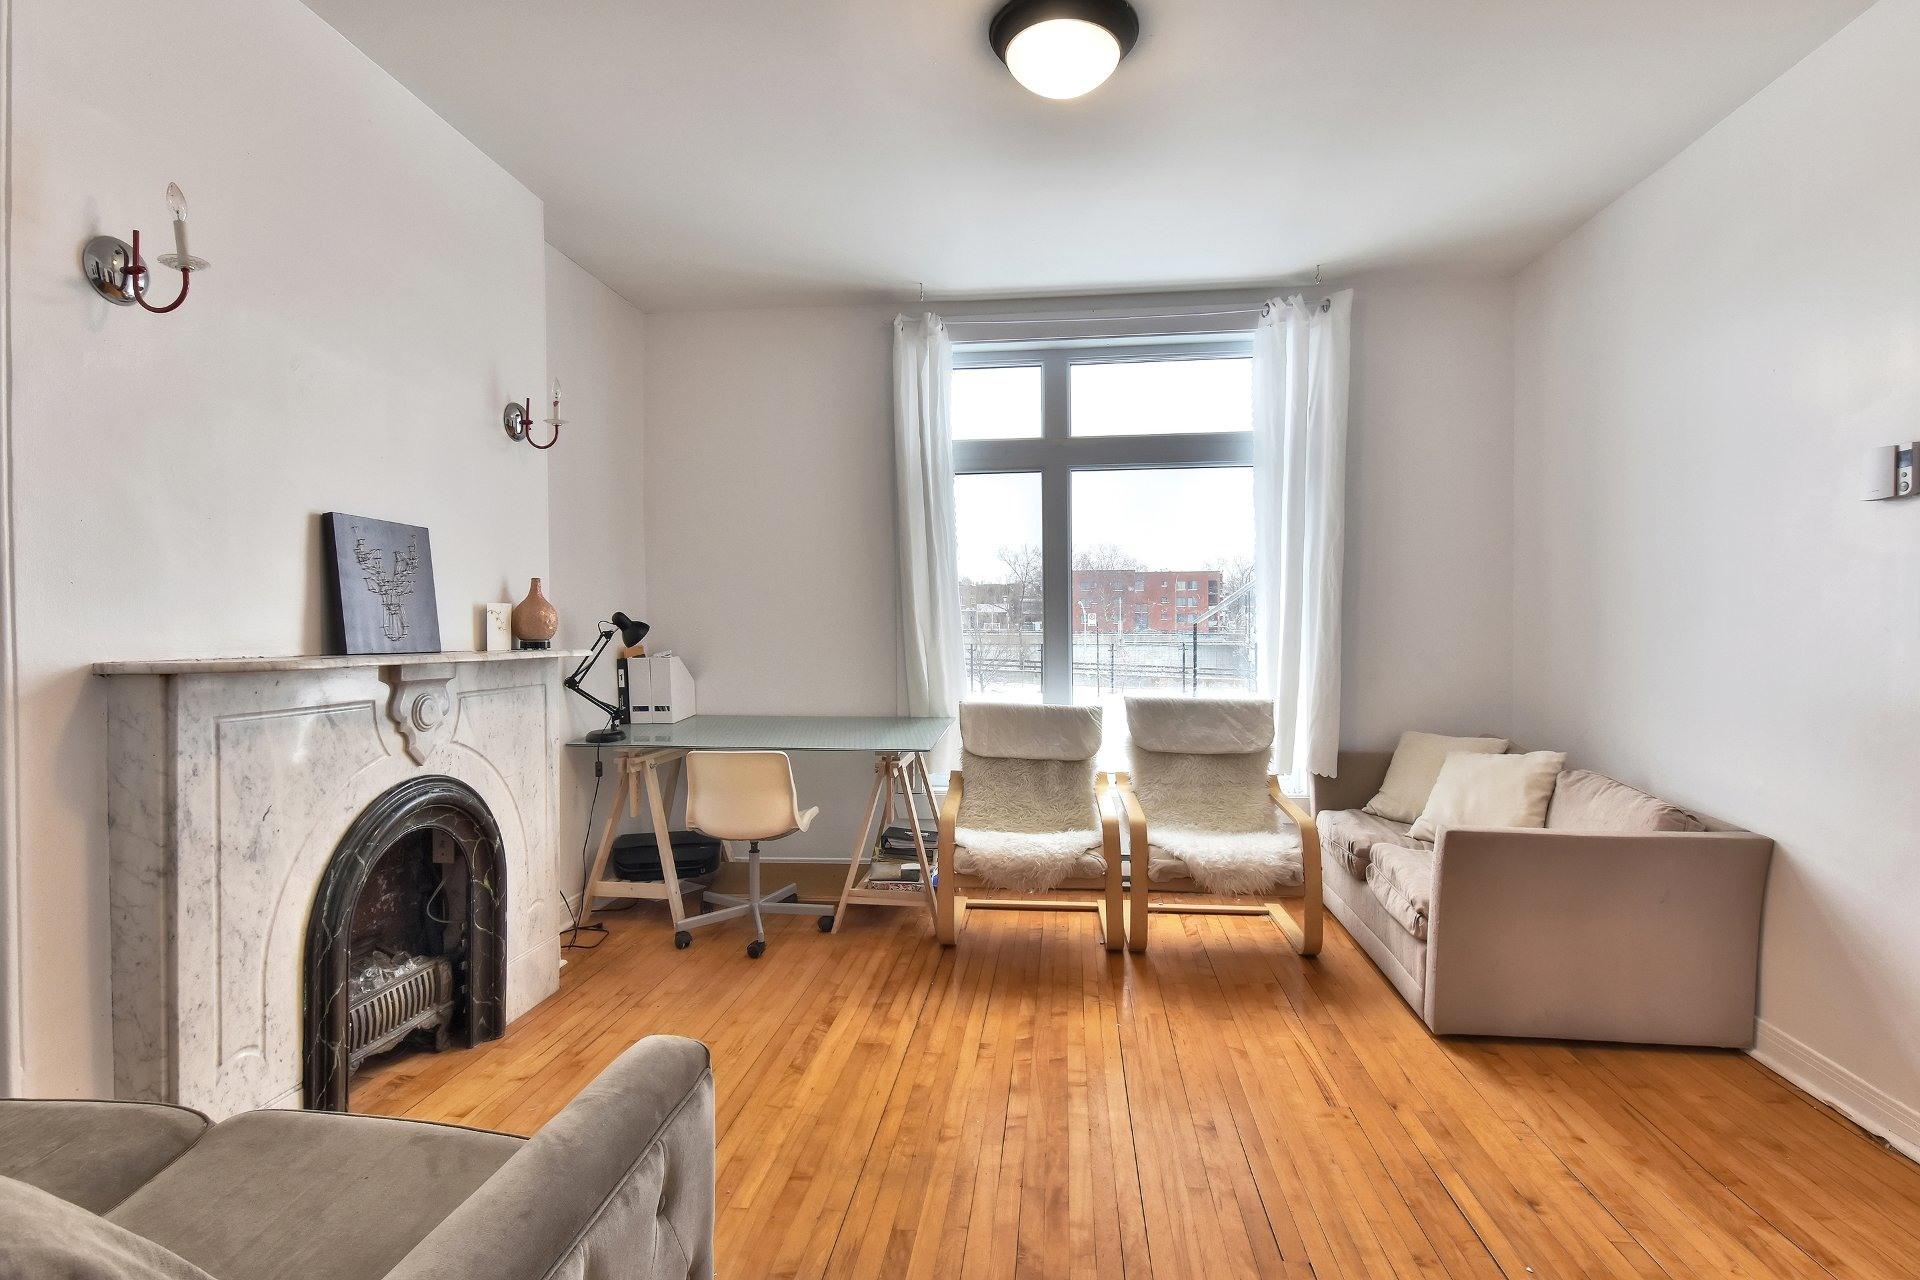 image 5 - Departamento En venta Côte-des-Neiges/Notre-Dame-de-Grâce Montréal  - 7 habitaciones